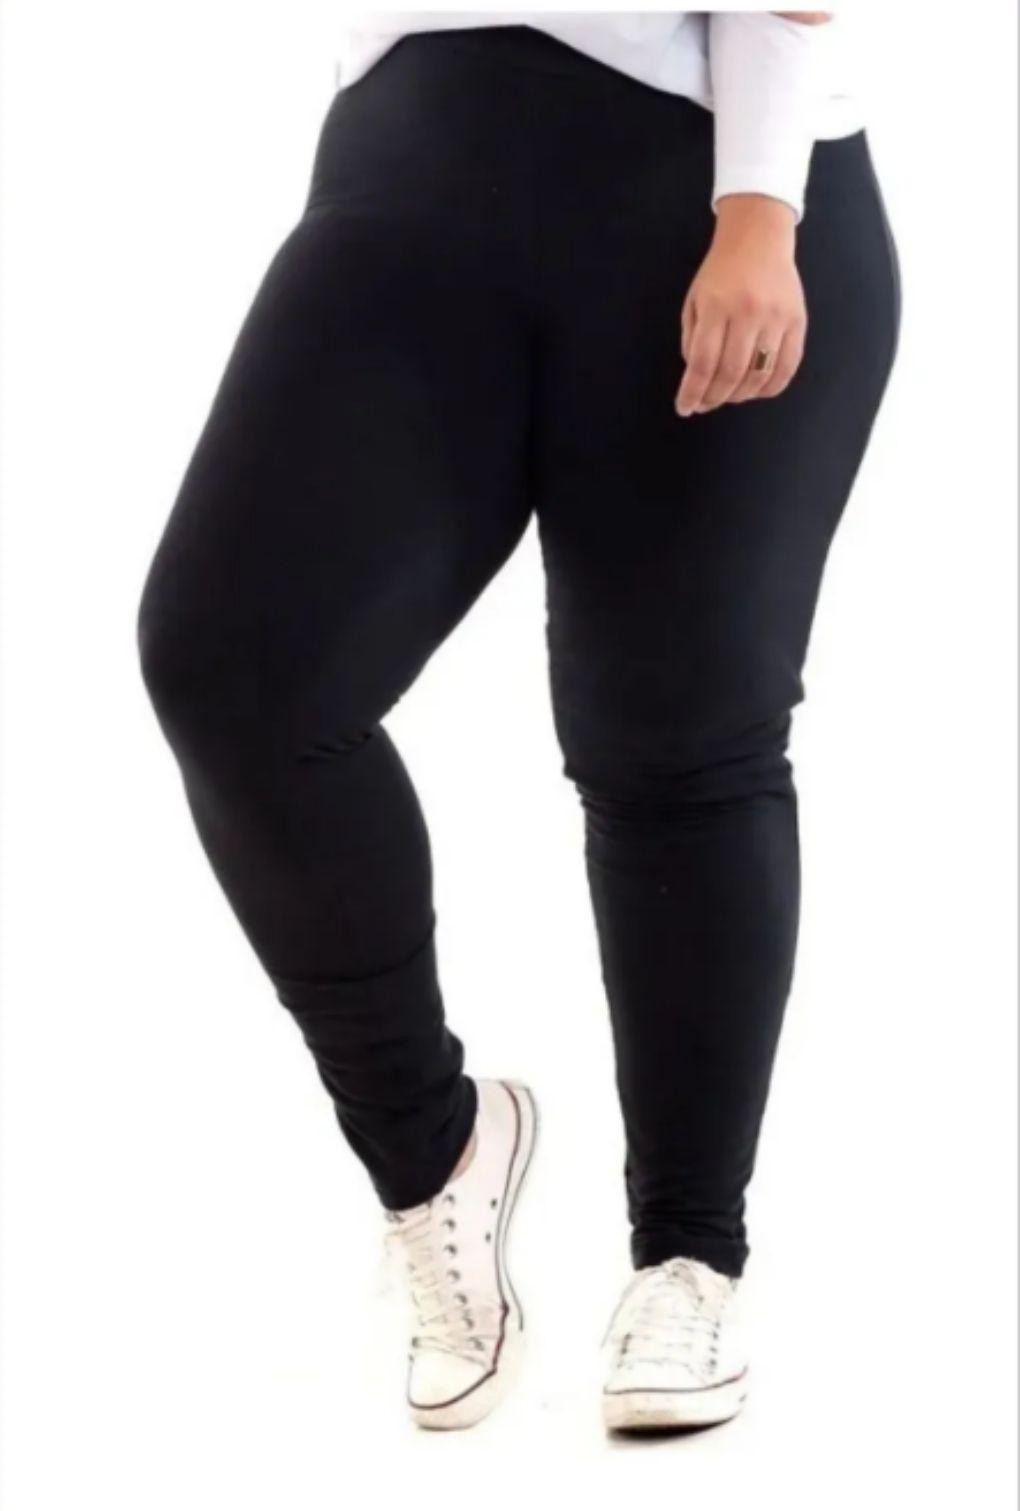 Calça Legging Plus Size Forrada Feminina  - ModaStore | Moda Feminina